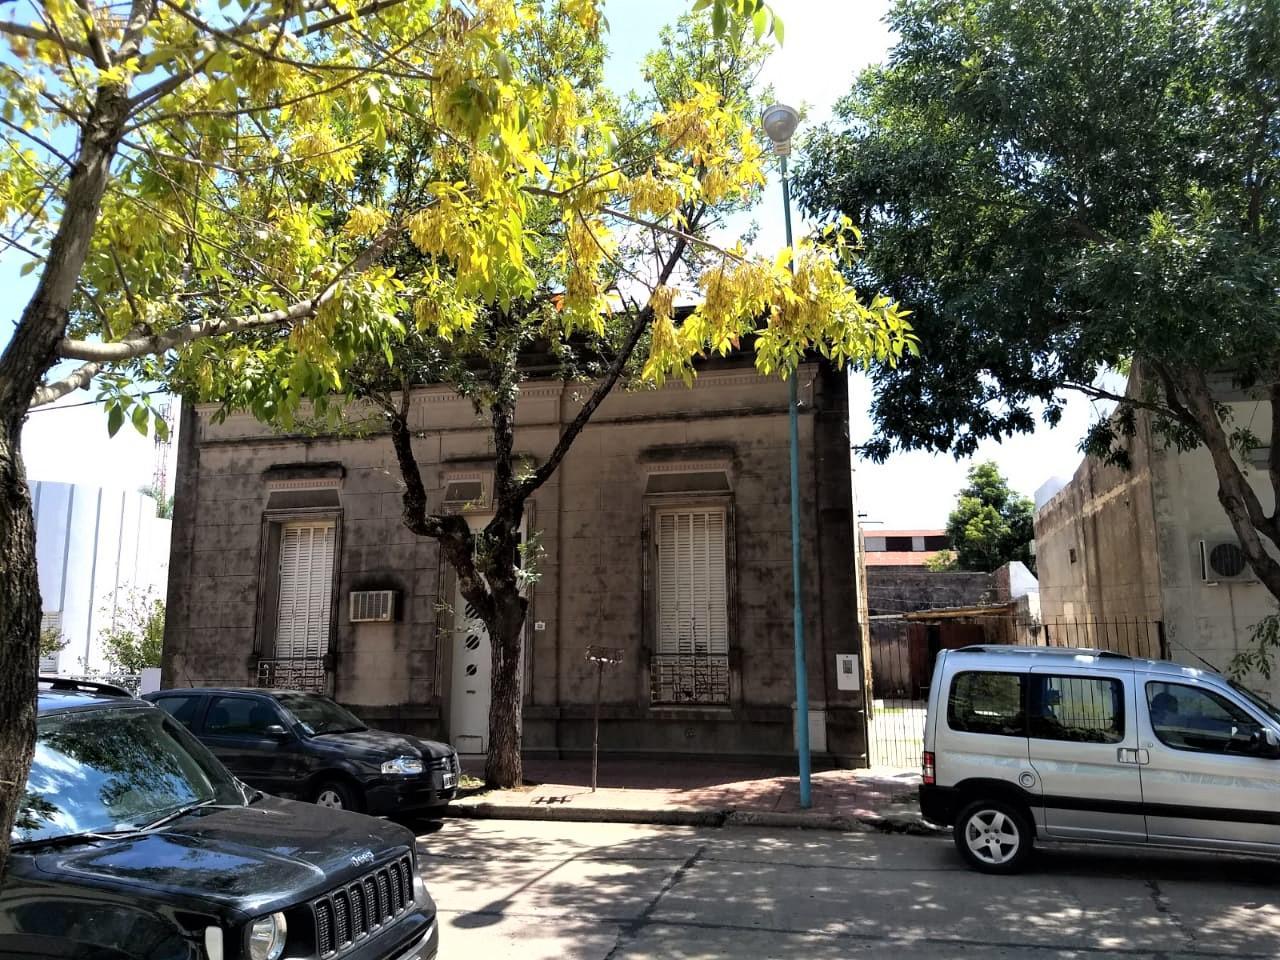 Reconquista 529 - Gaggiotti Inmobiliaria cuenta con más de 50 años desde que se inicio en el negocio de los servicios inmobiliarios.